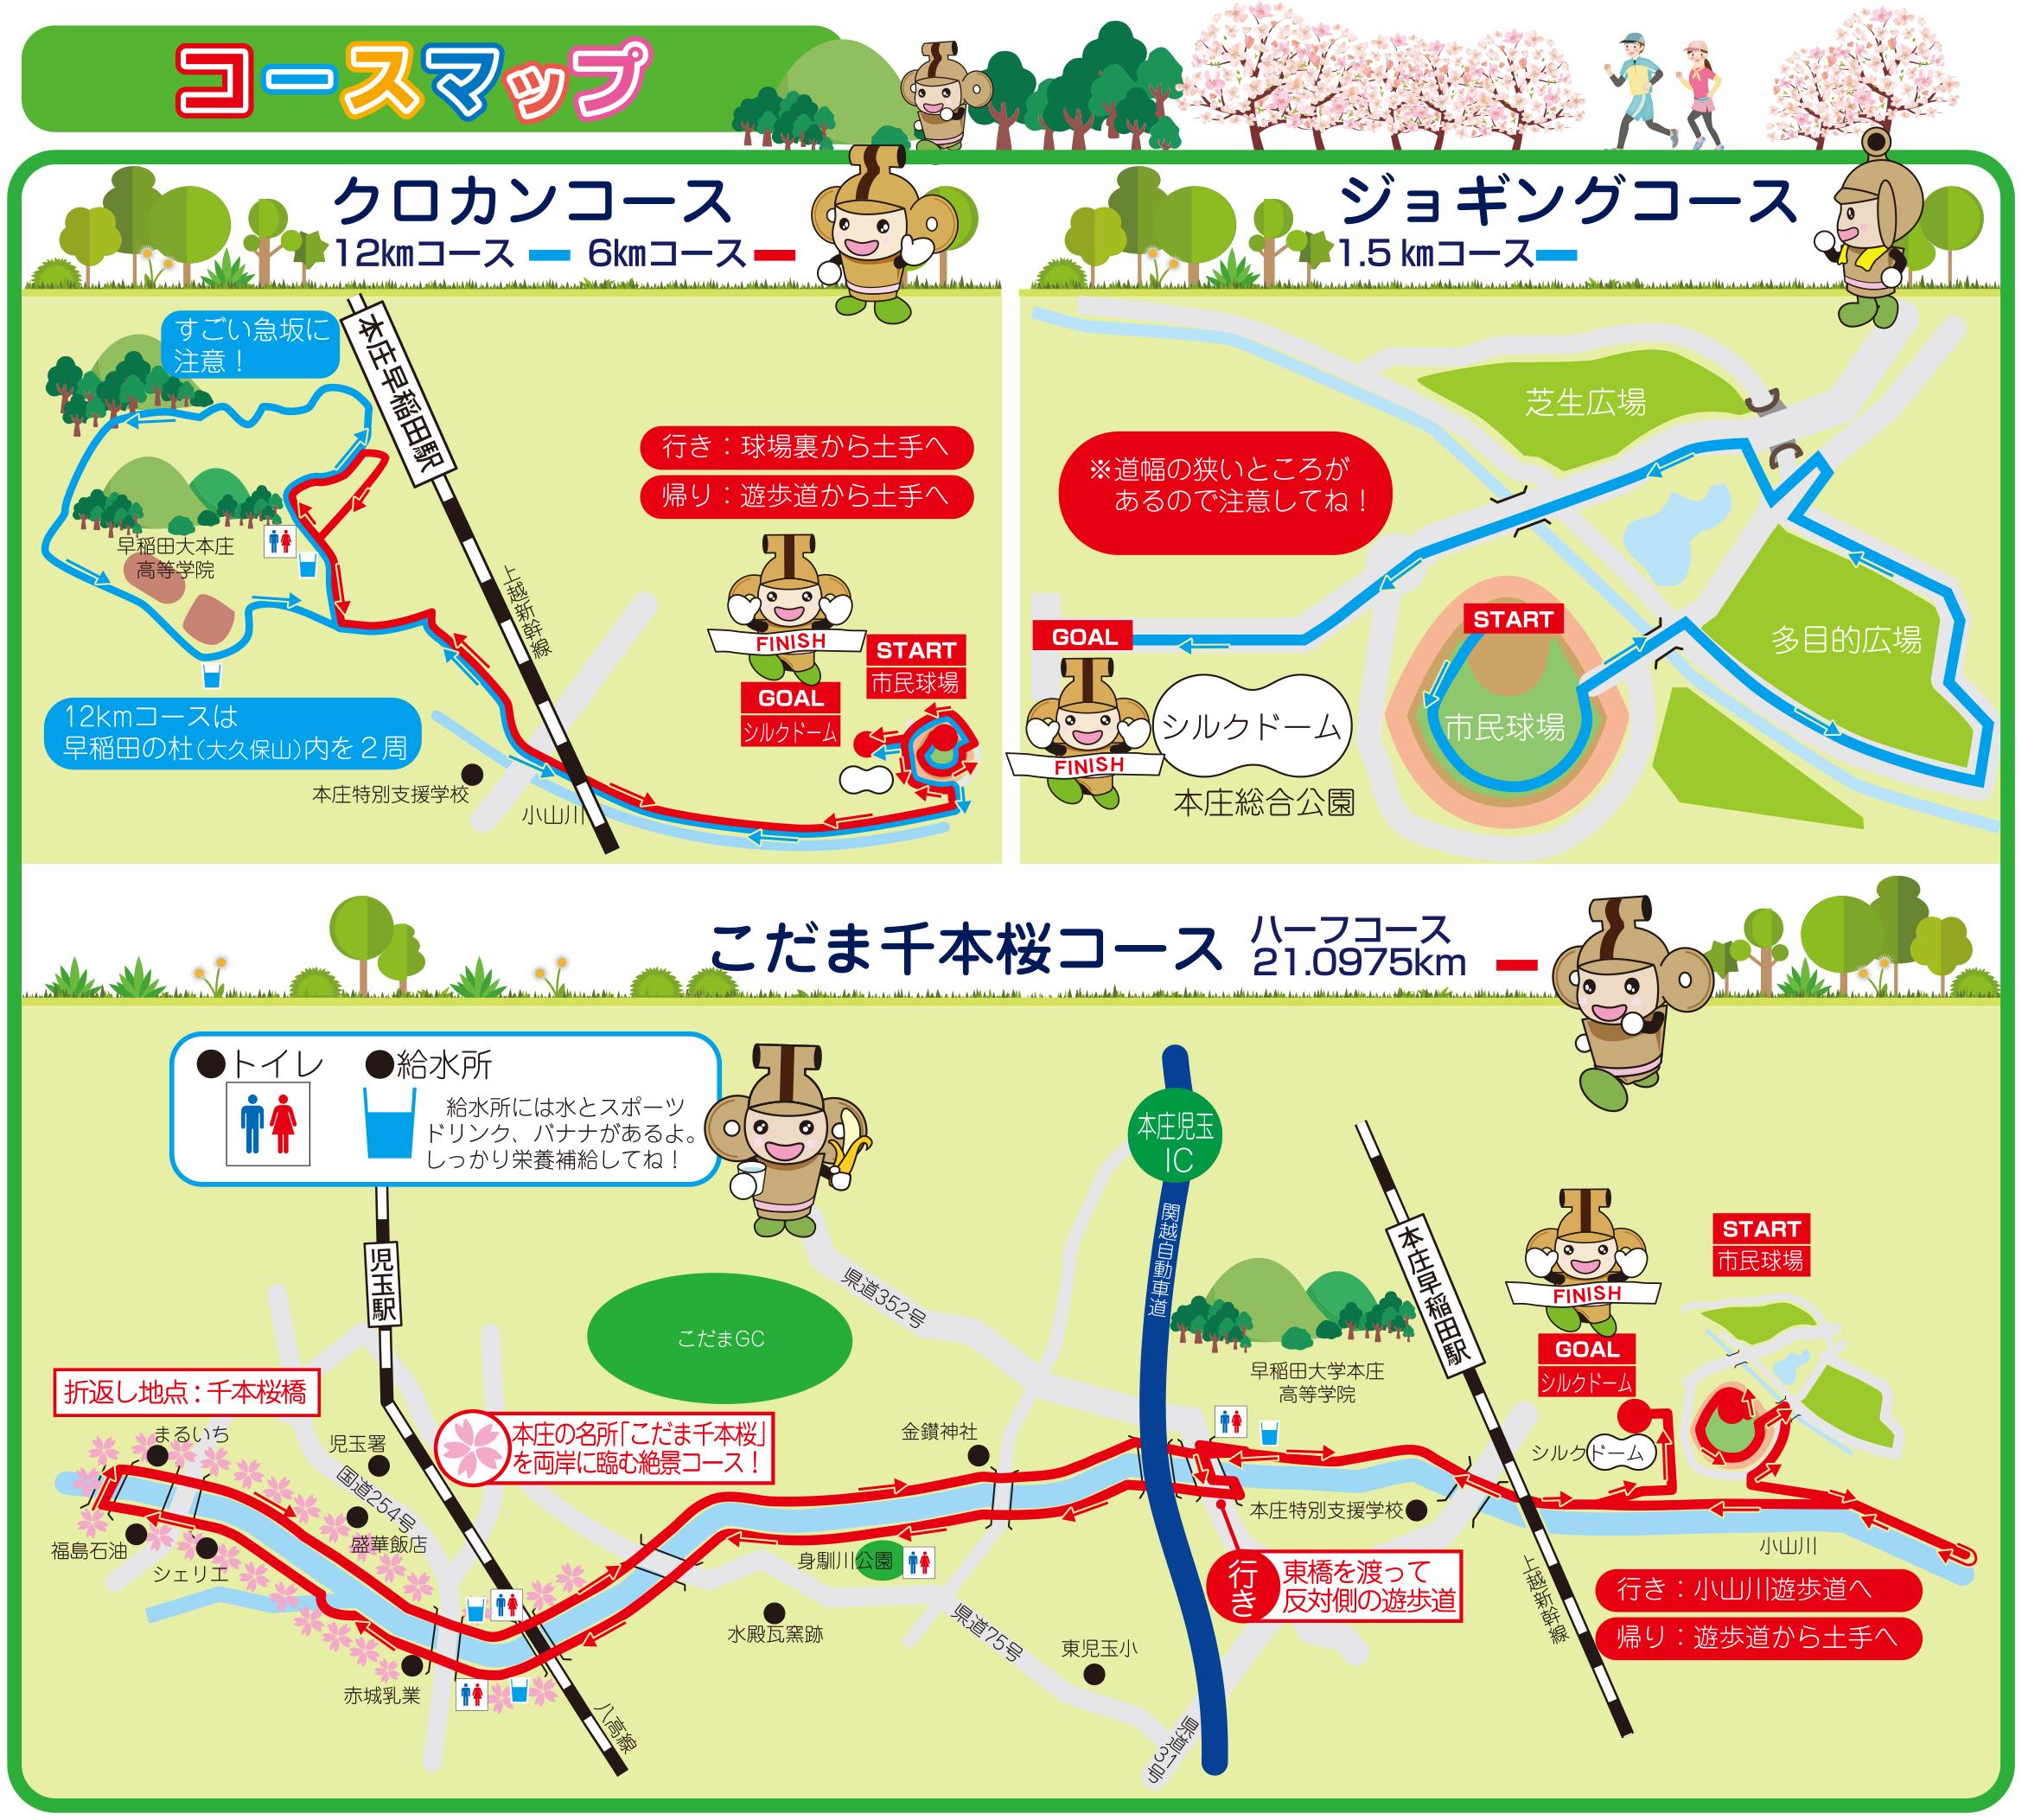 コースマップ イメージ画像